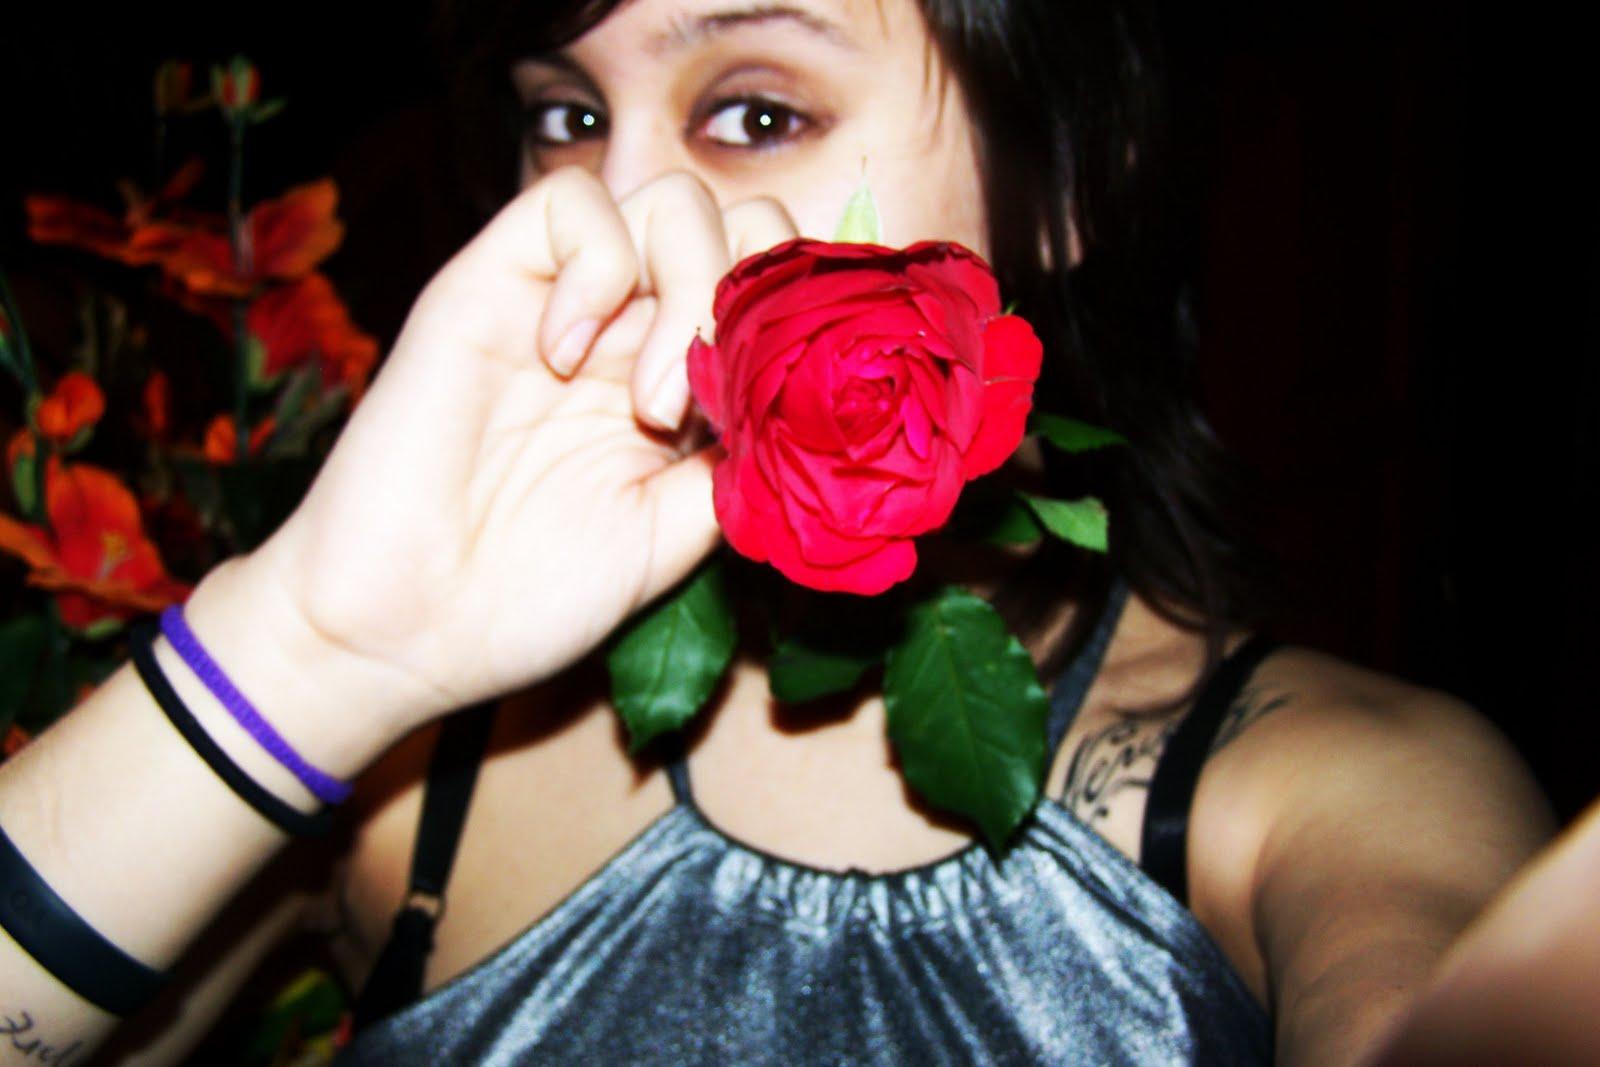 entre Espinas Y Rosas Facebook - Imagenes De Rosas Con Espinas